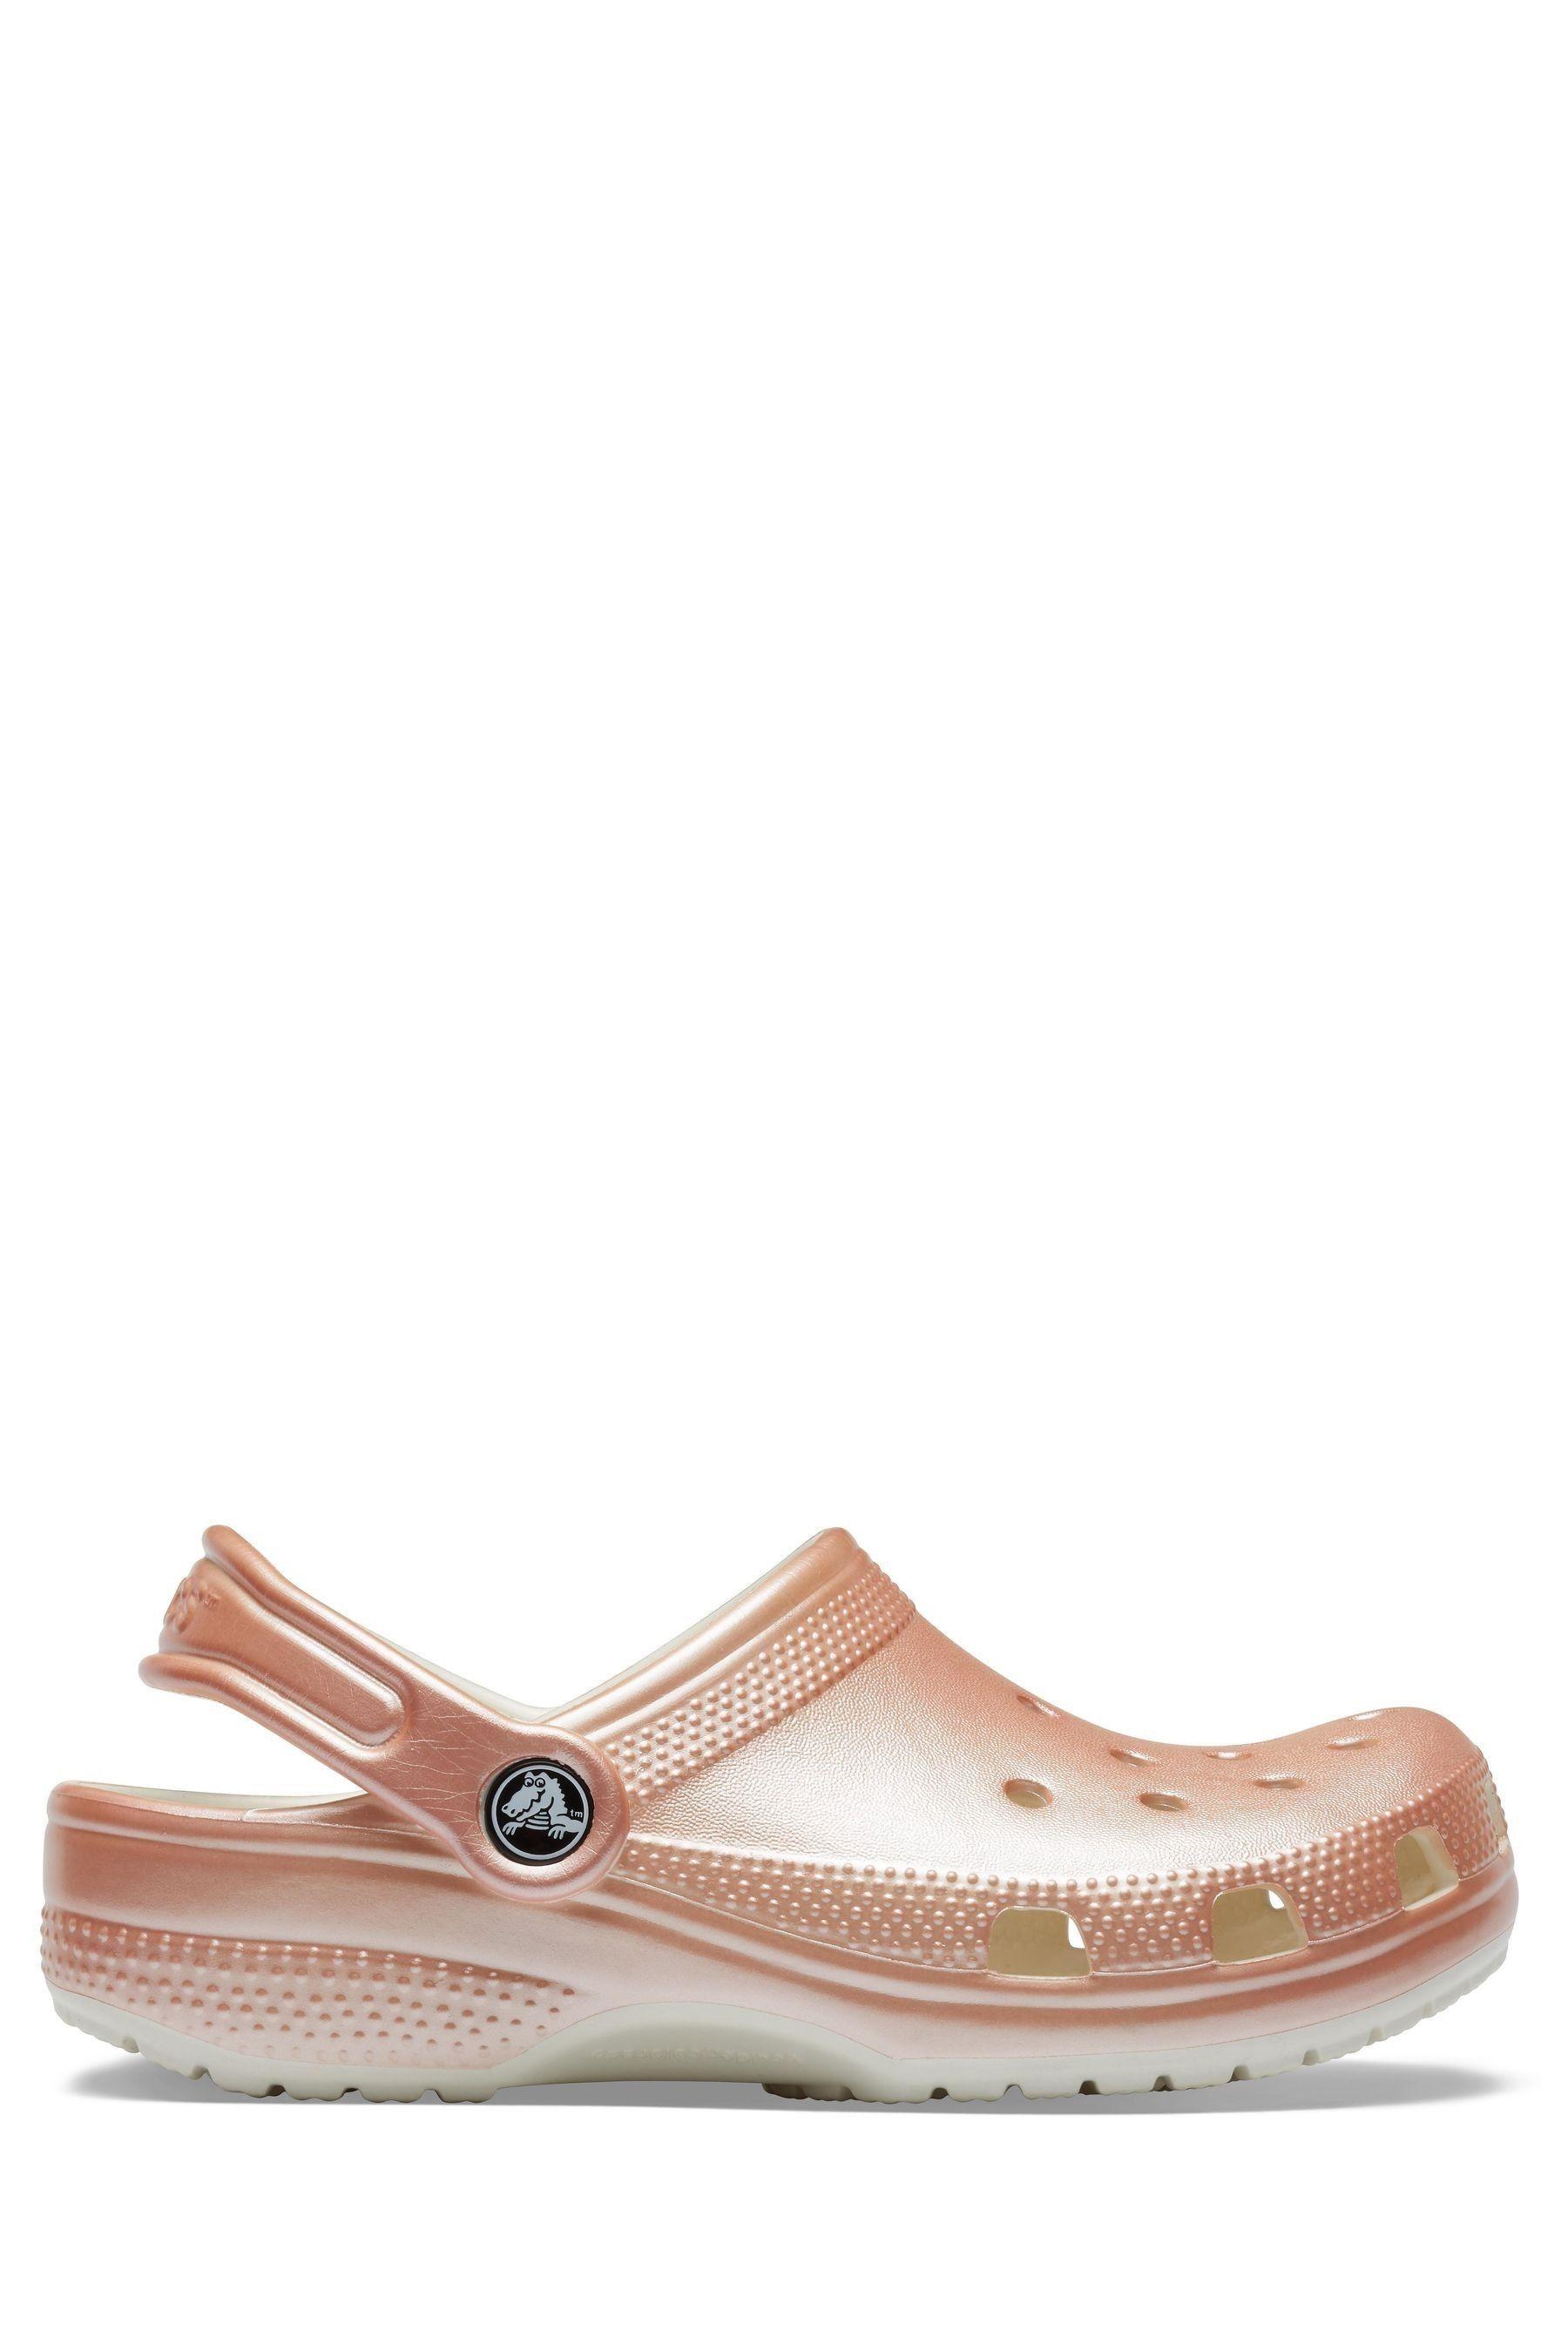 Girls Crocs Rose Gold Metallic Clogs